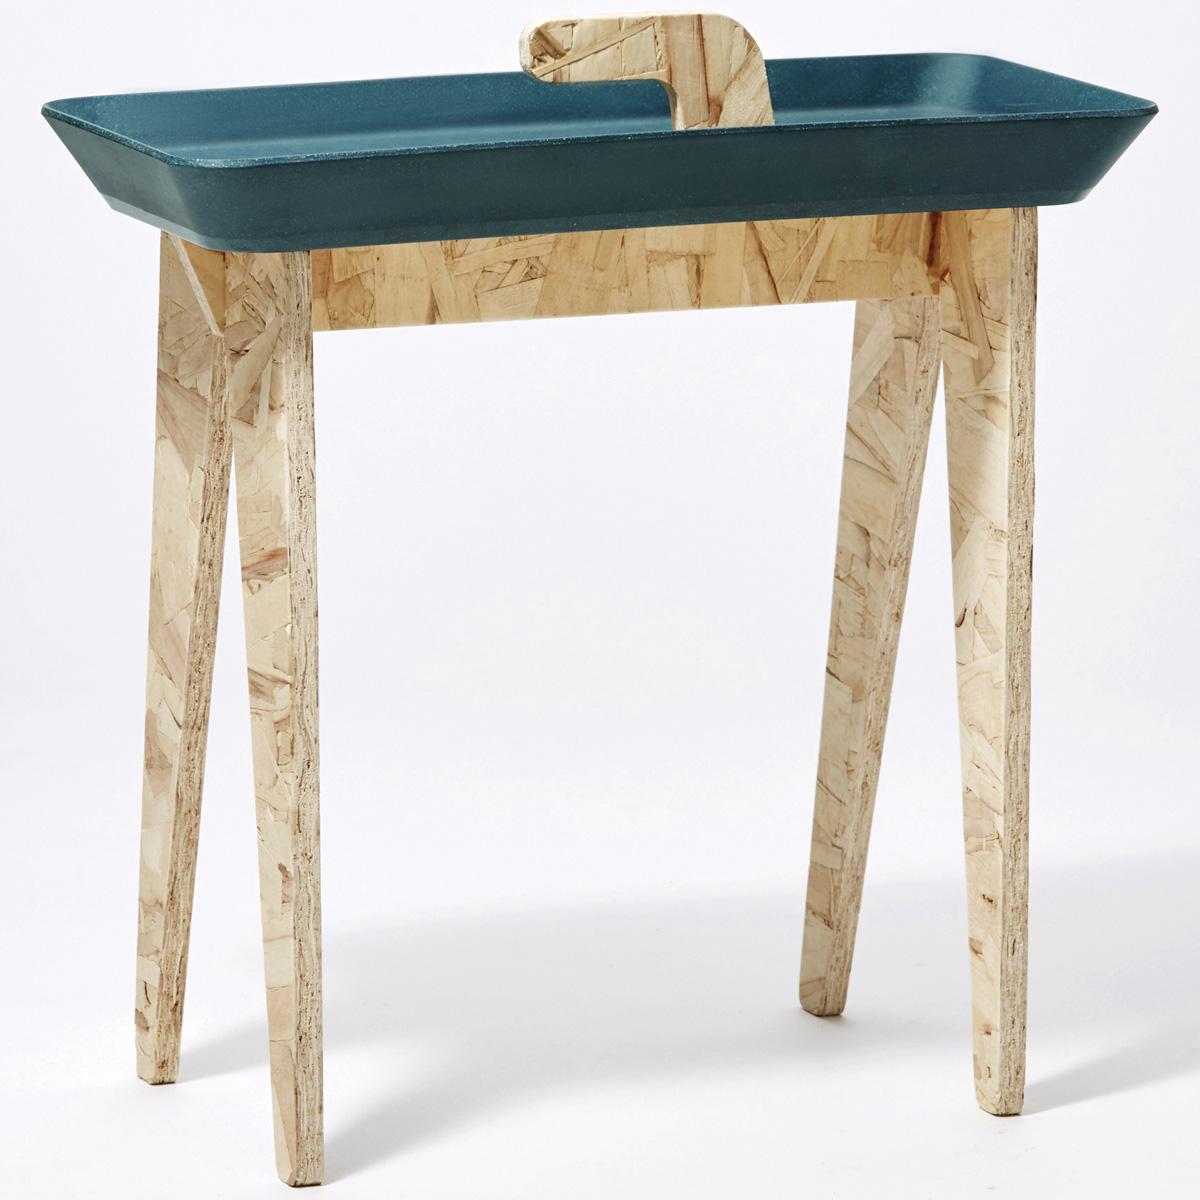 サイドテーブル ideaco タイニーウォーク イデアコ Tiny Walk マットネイビーグリーン